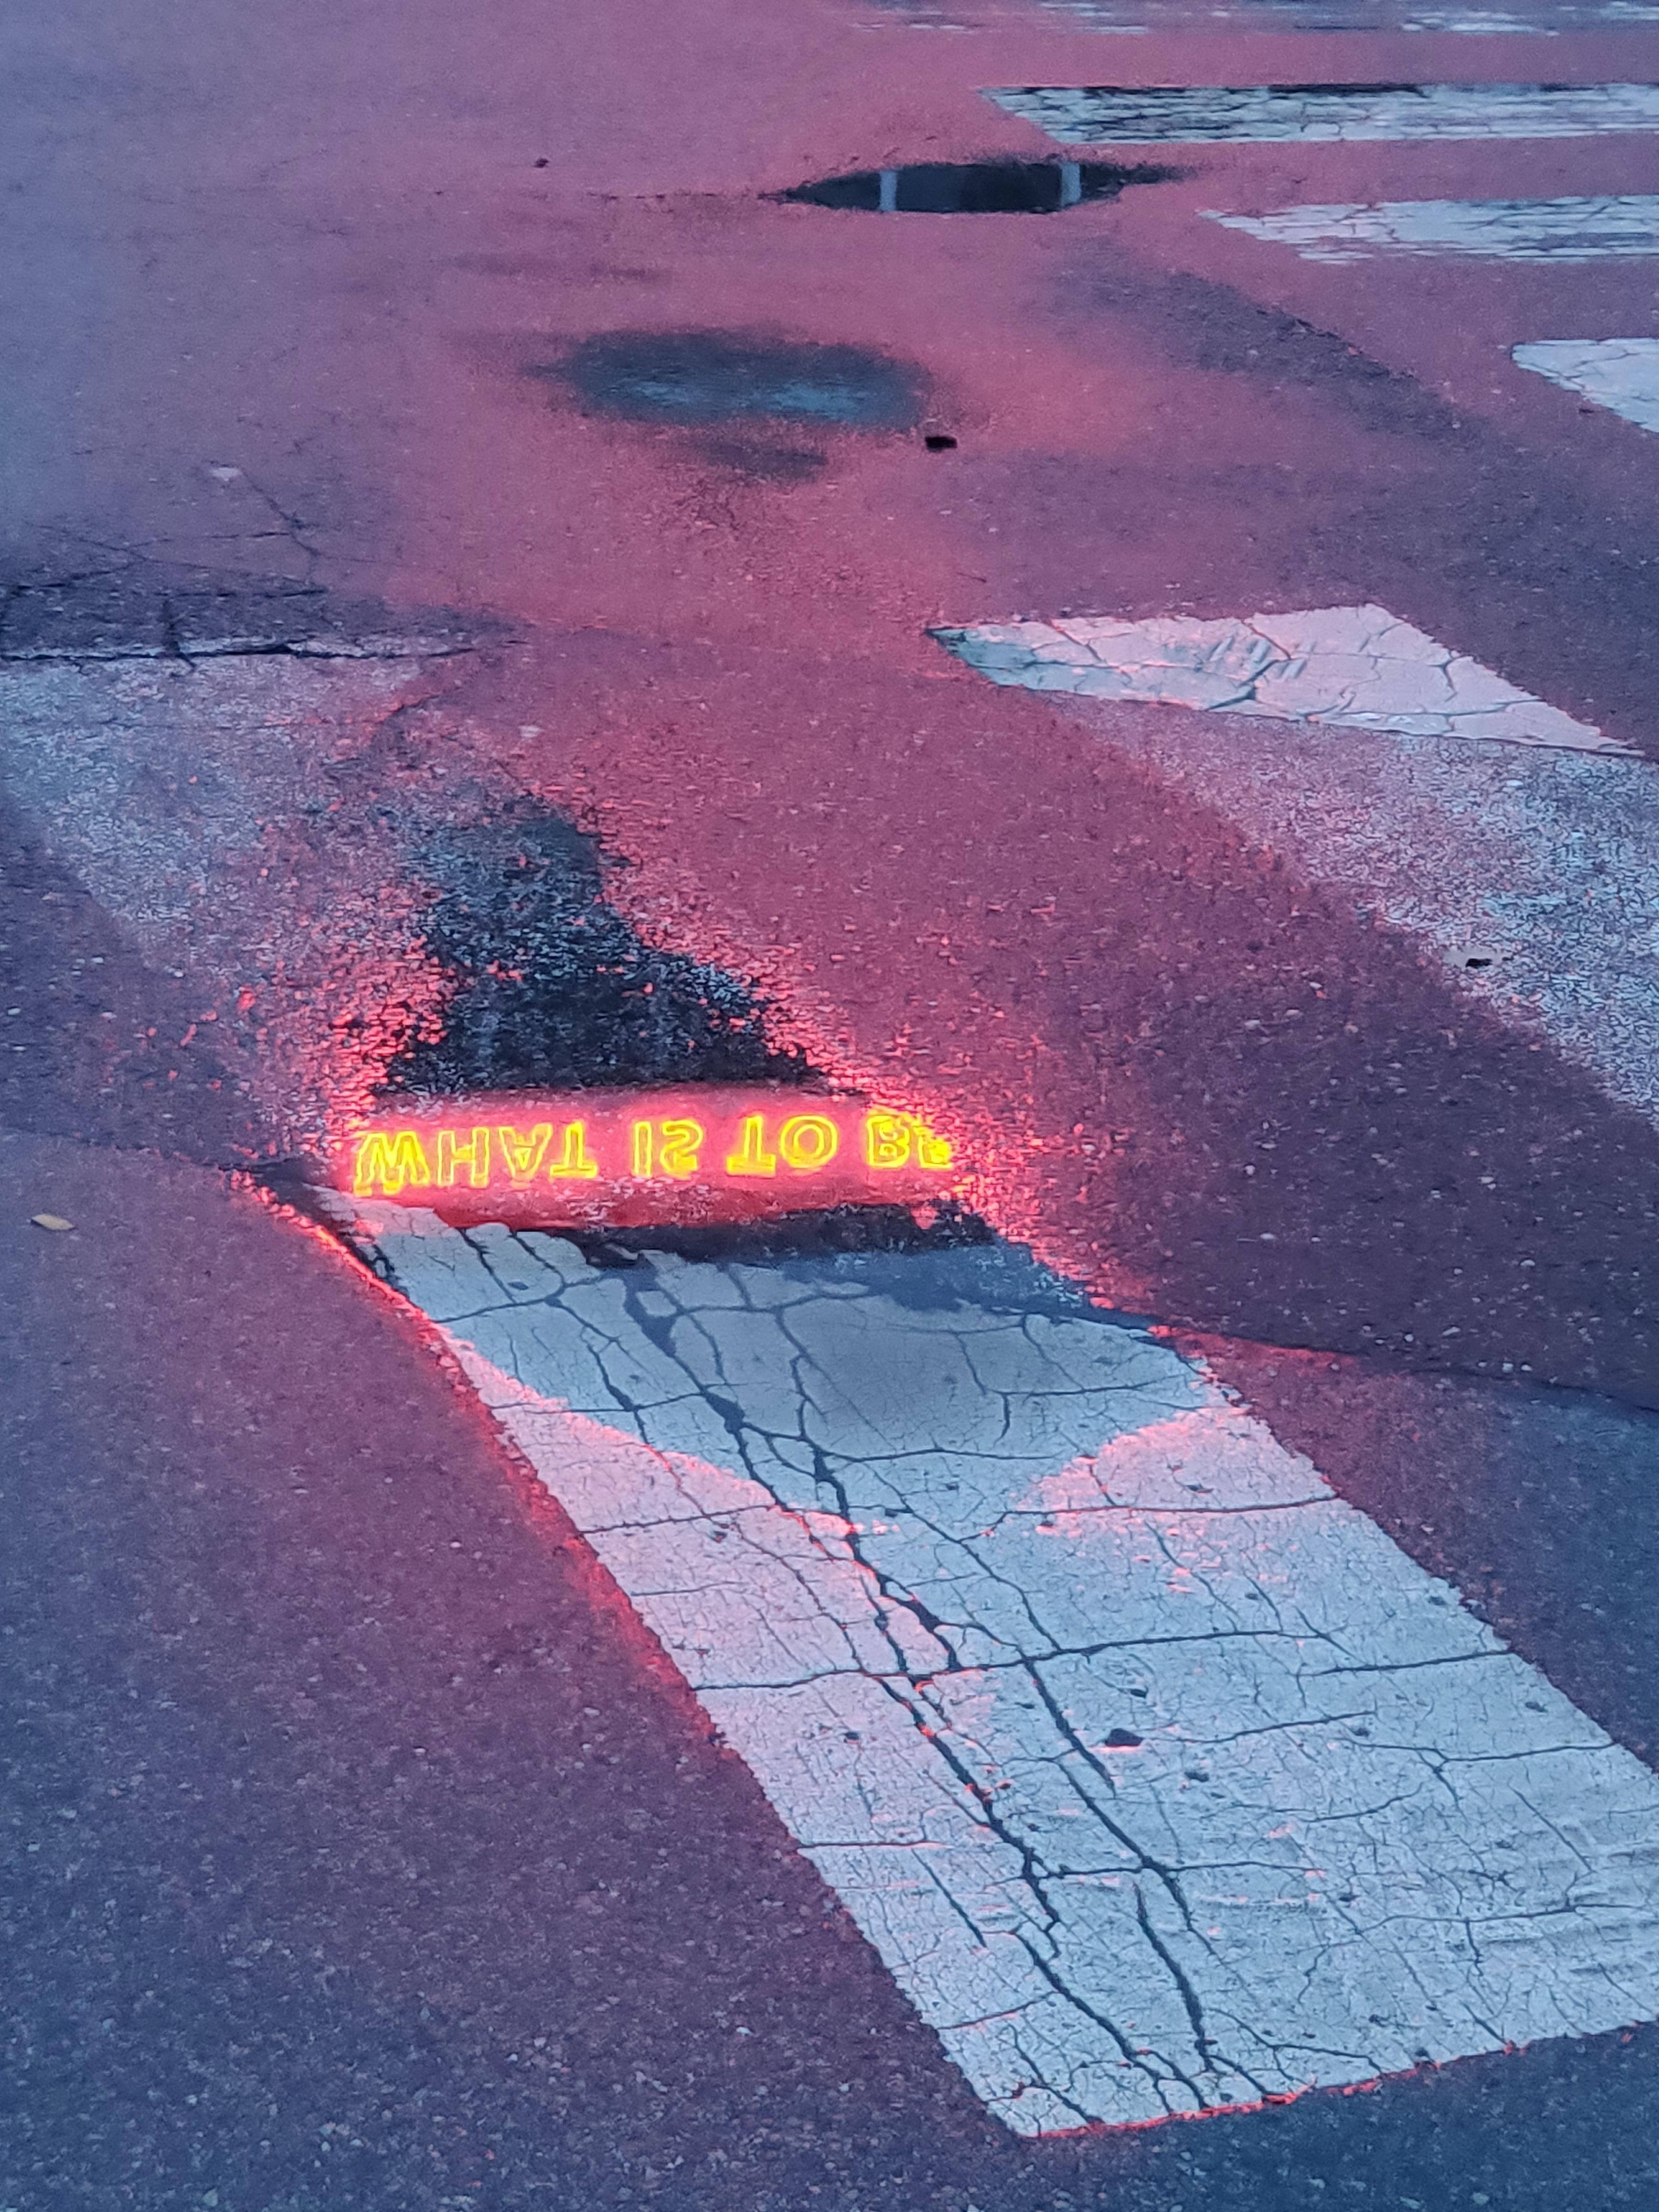 этой картинки бензин на дороге ватмана вырезаем